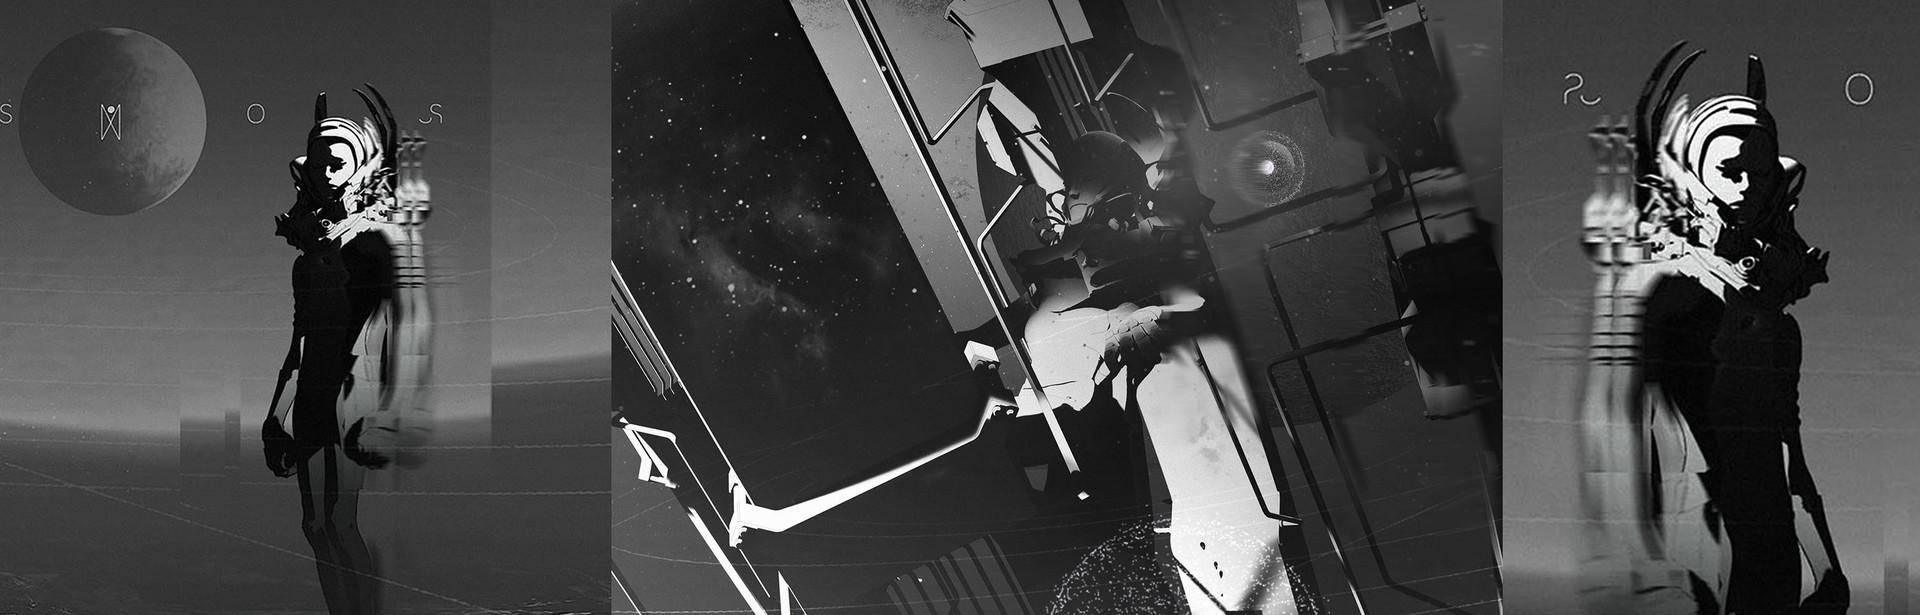 Eduardo pena astros4